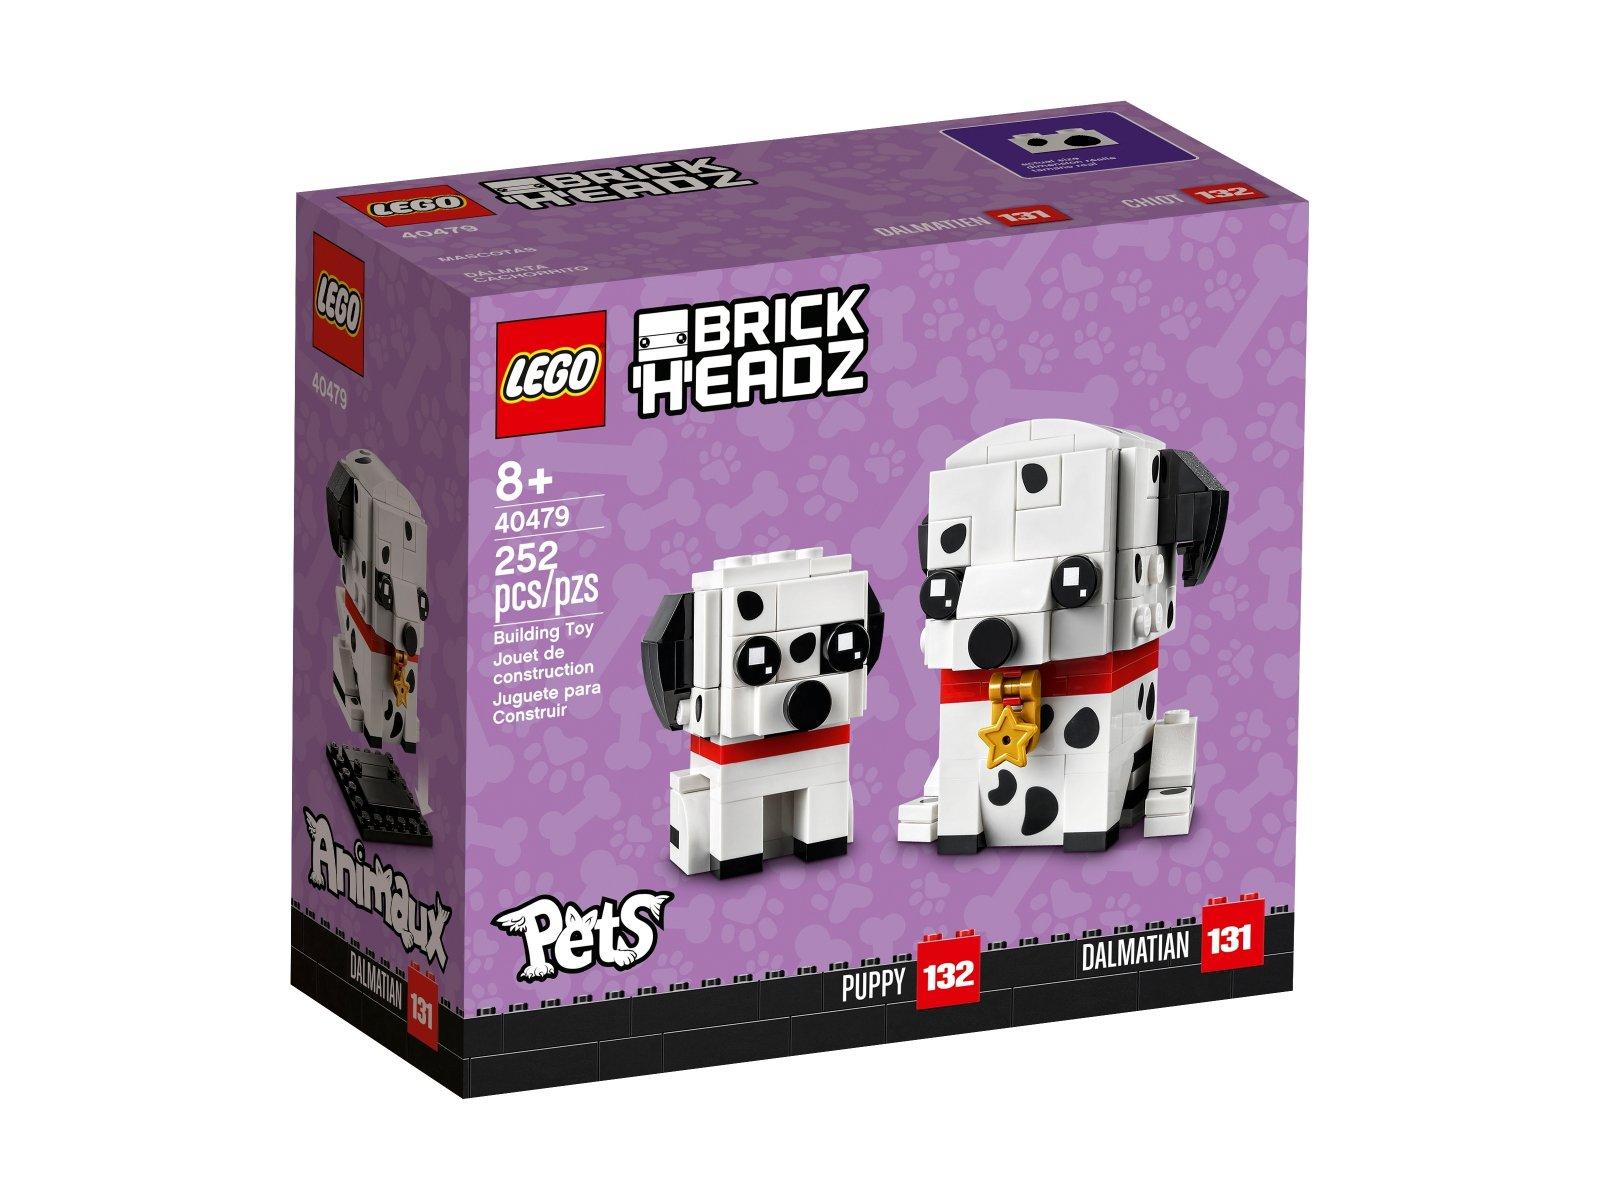 LEGO BrickHeadz 40479 Dalmatyńczyk